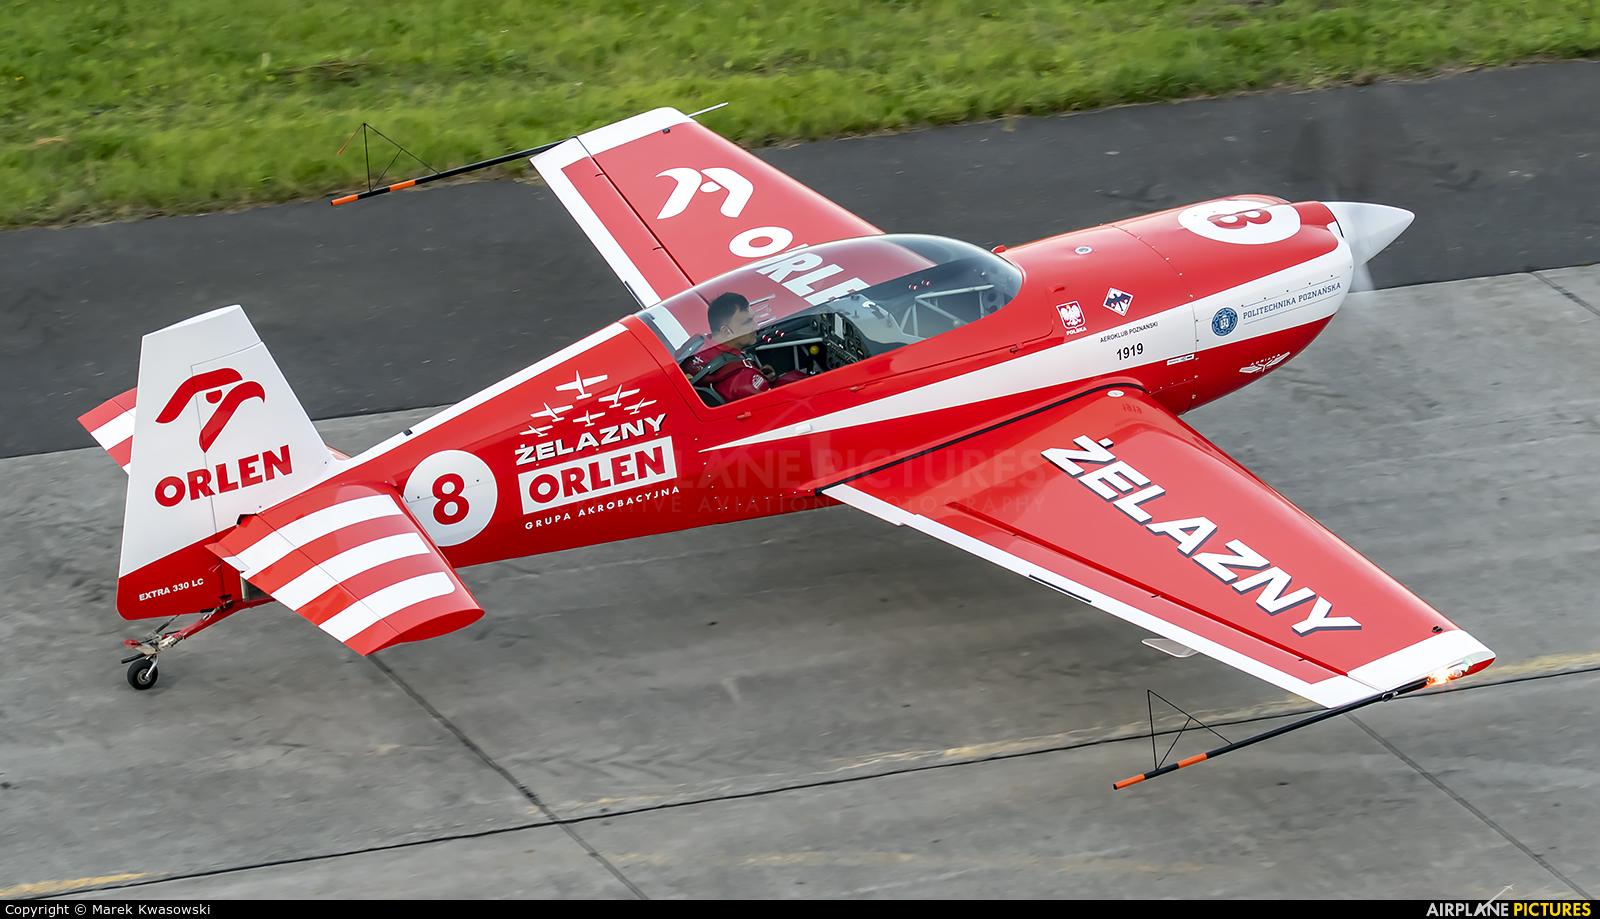 Grupa Akrobacyjna Żelazny - Acrobatic Group SP-AUP aircraft at Gdynia- Babie Doły (Oksywie)